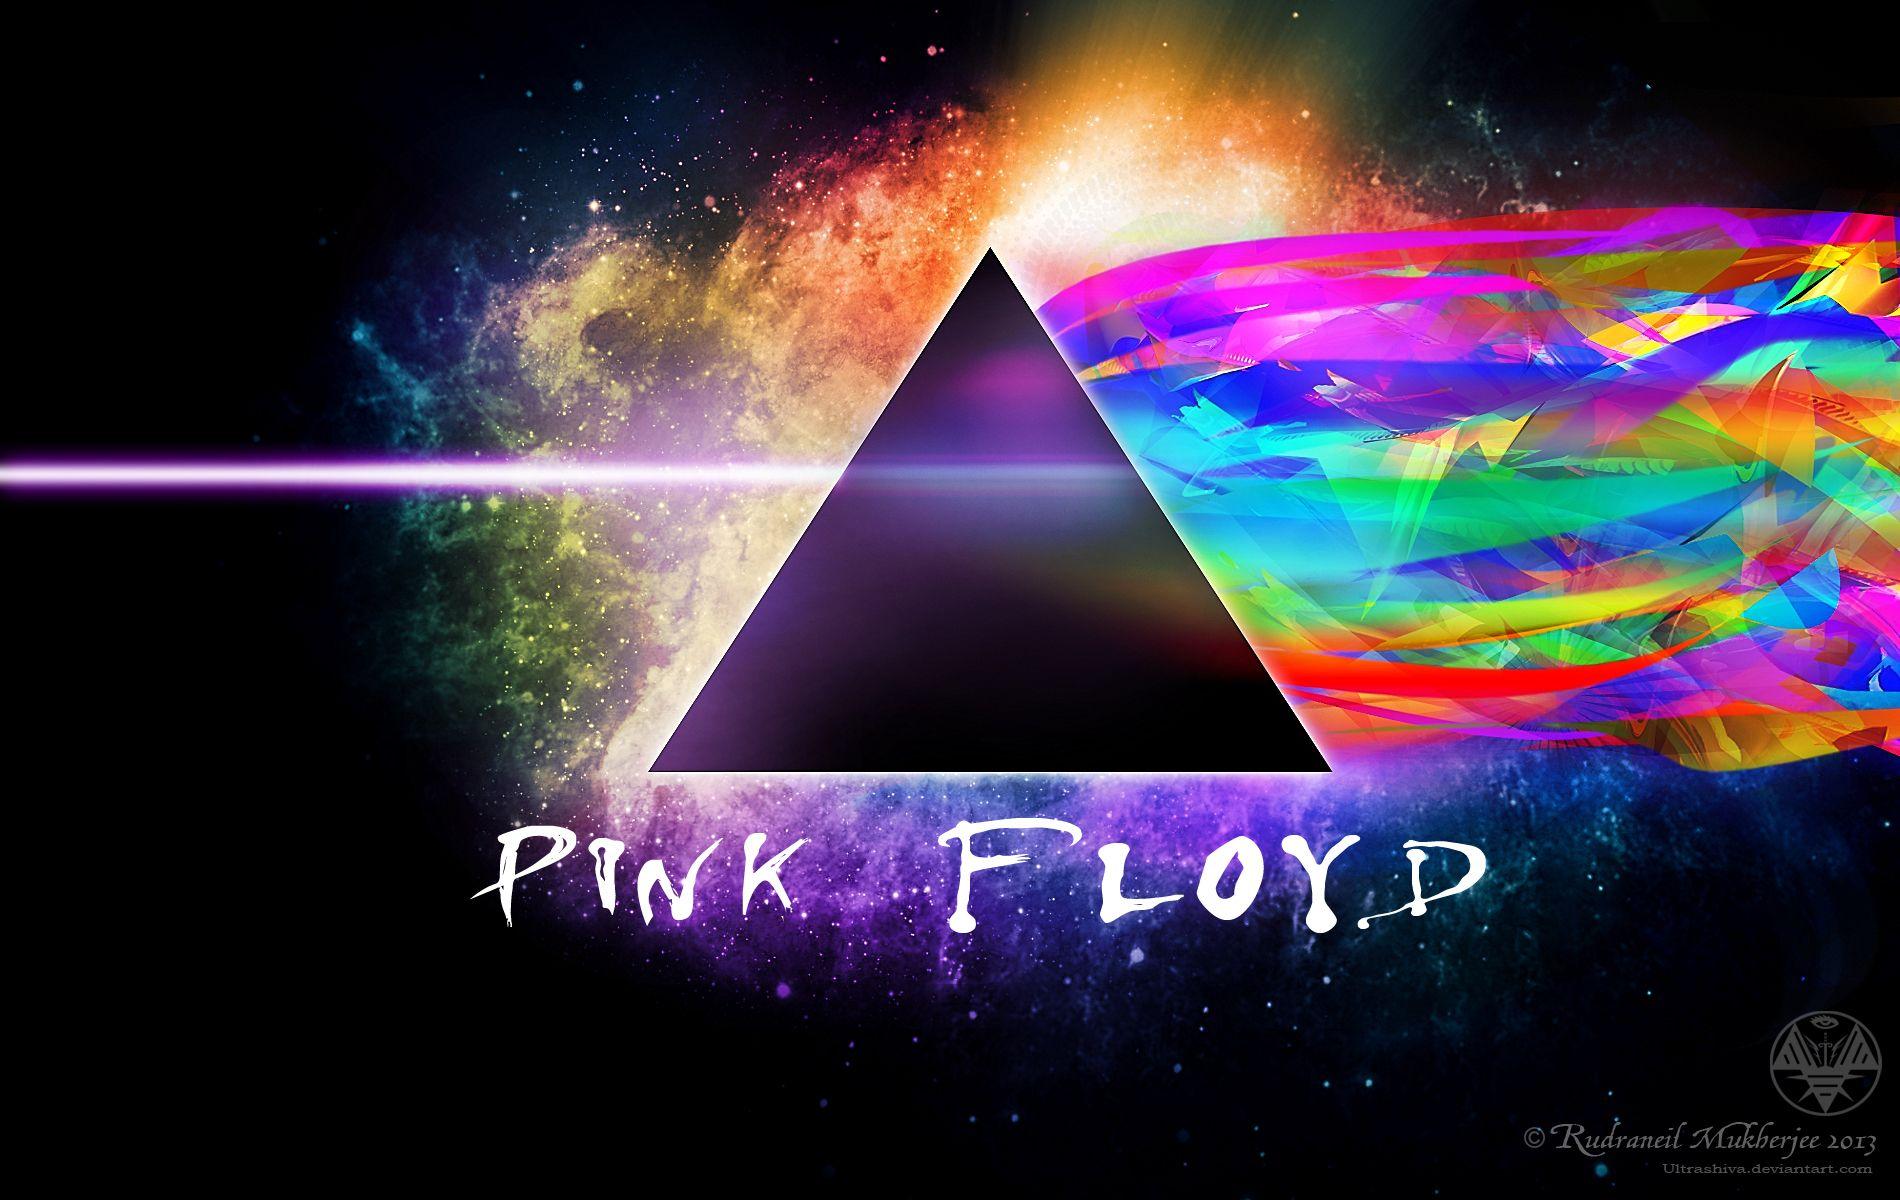 Pink Floyd Wallpaper 1 By Ultrashiva Fan Art Wallpaper Other A Pink Floyd Wallpaper Pink Floyd Dark Side Pink Floyd Poster